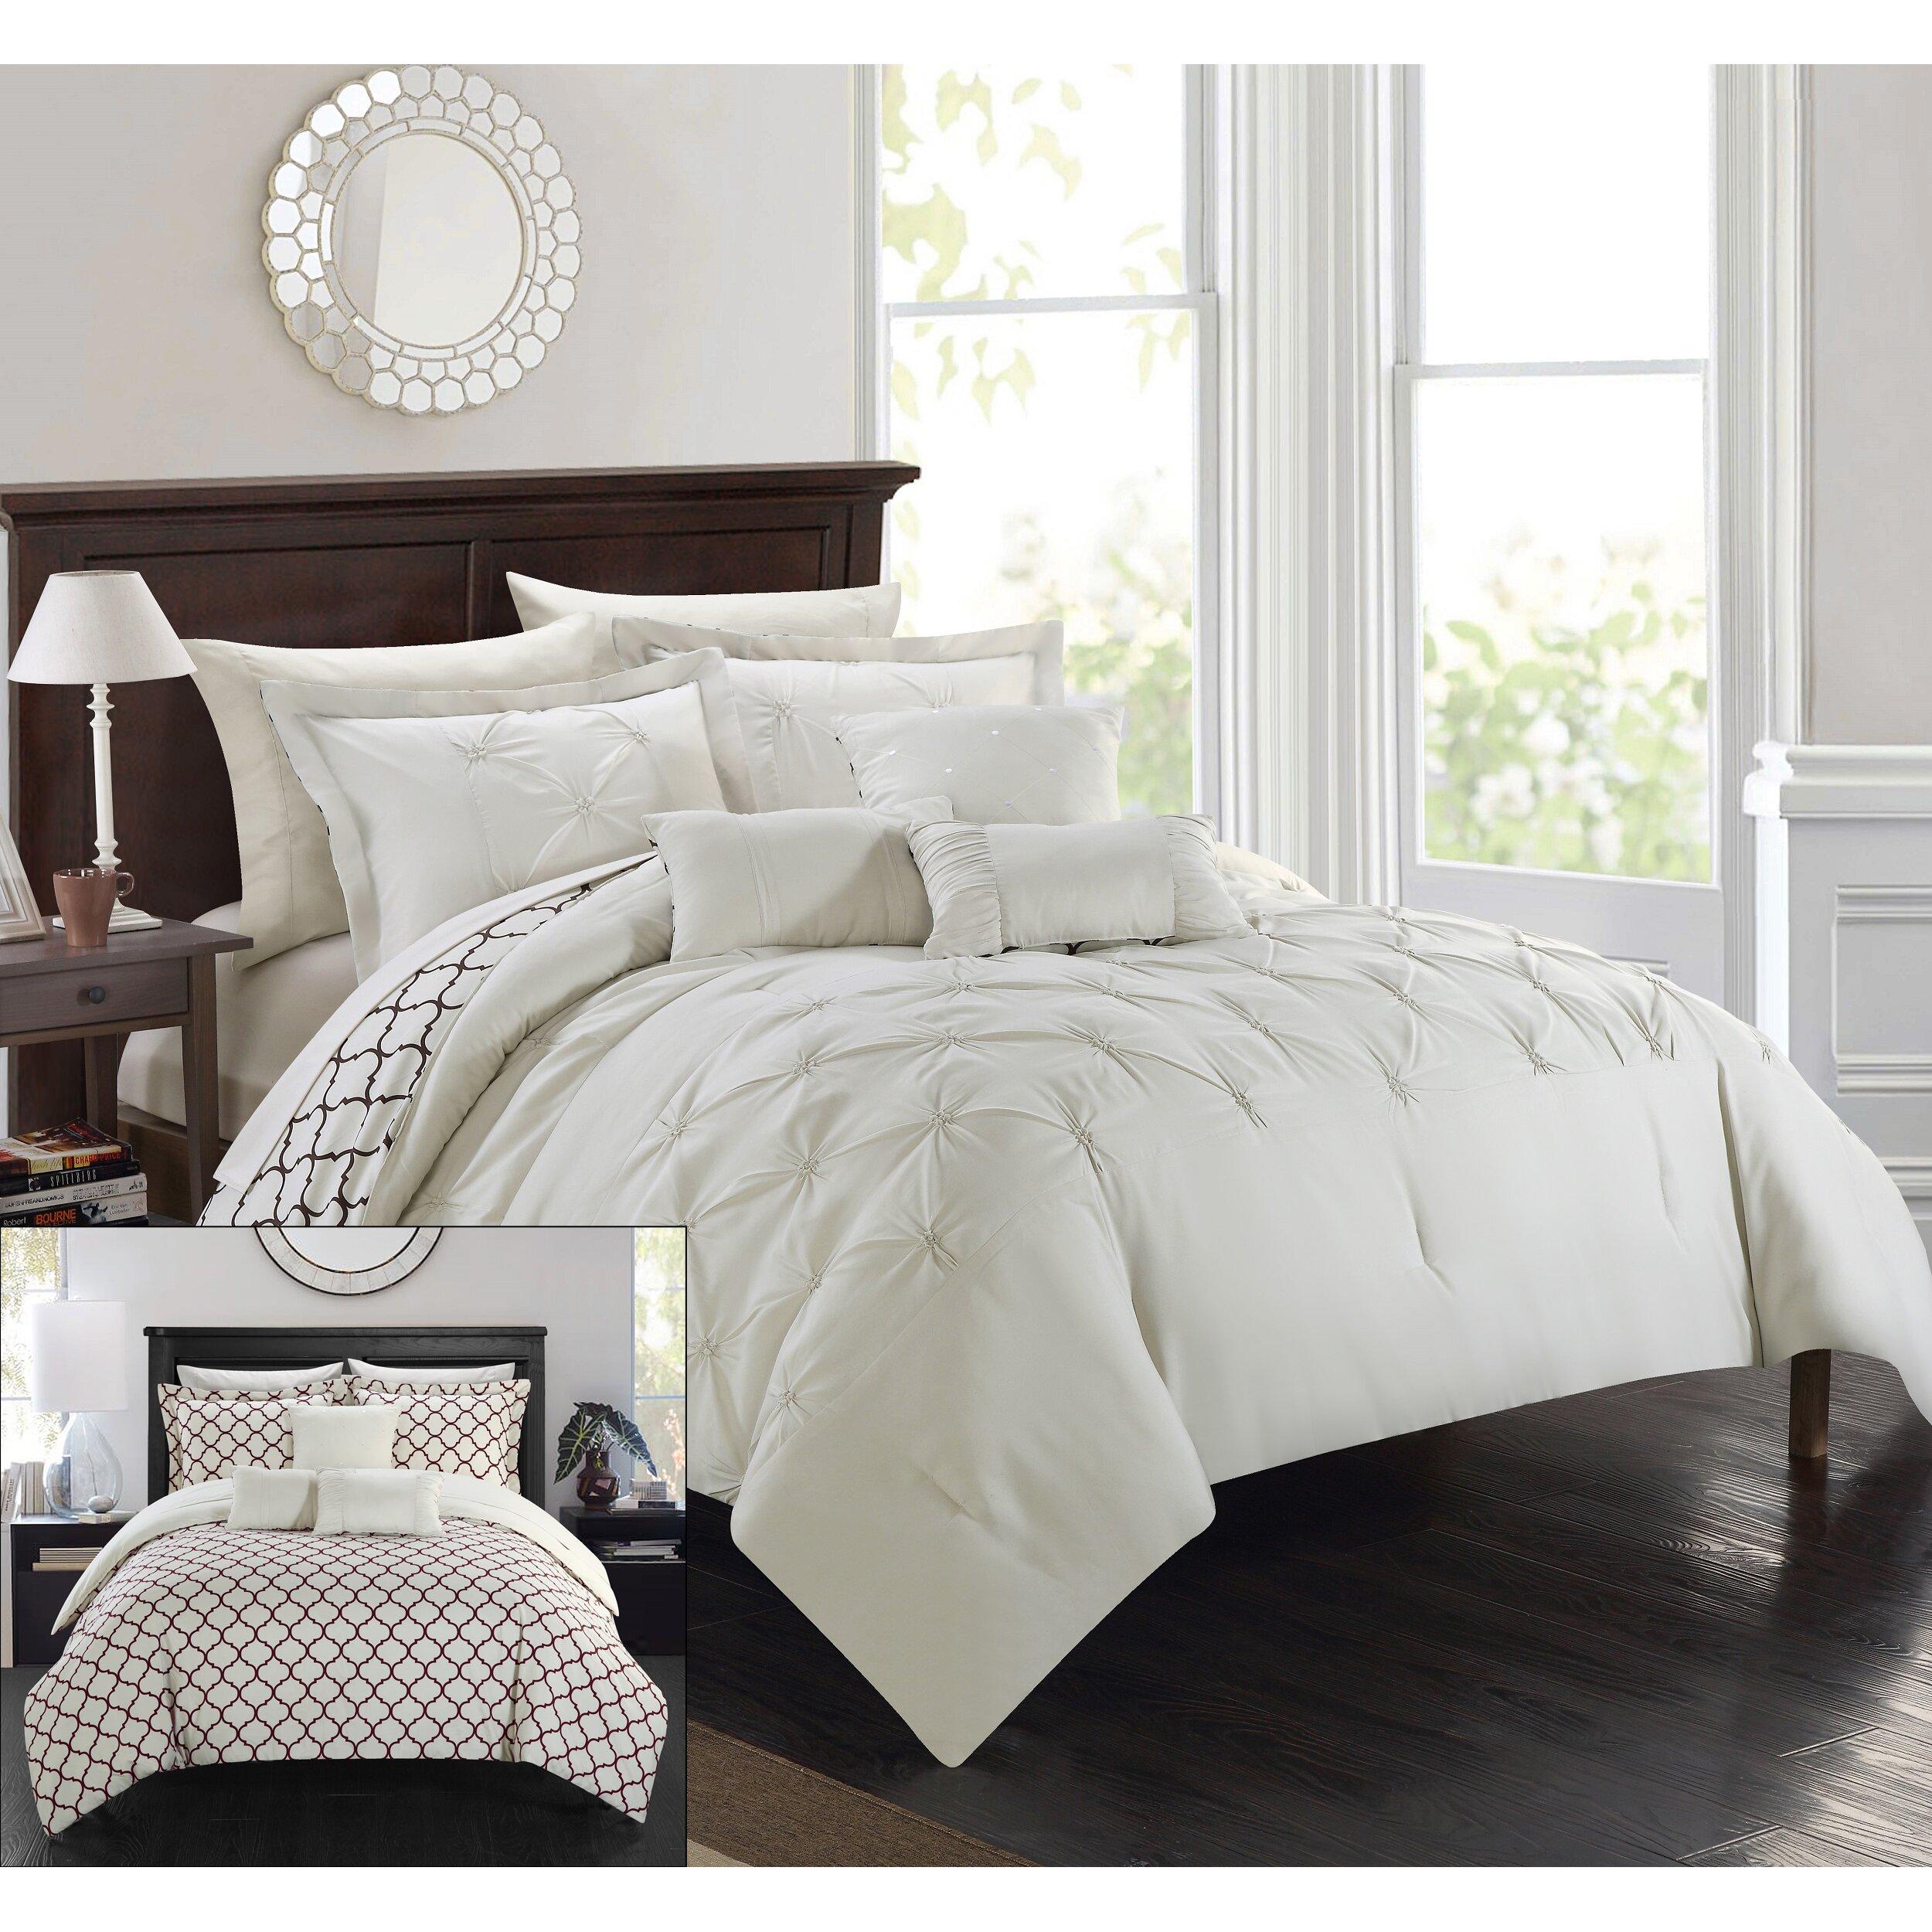 Home Design Sheets - Home Design Ideas